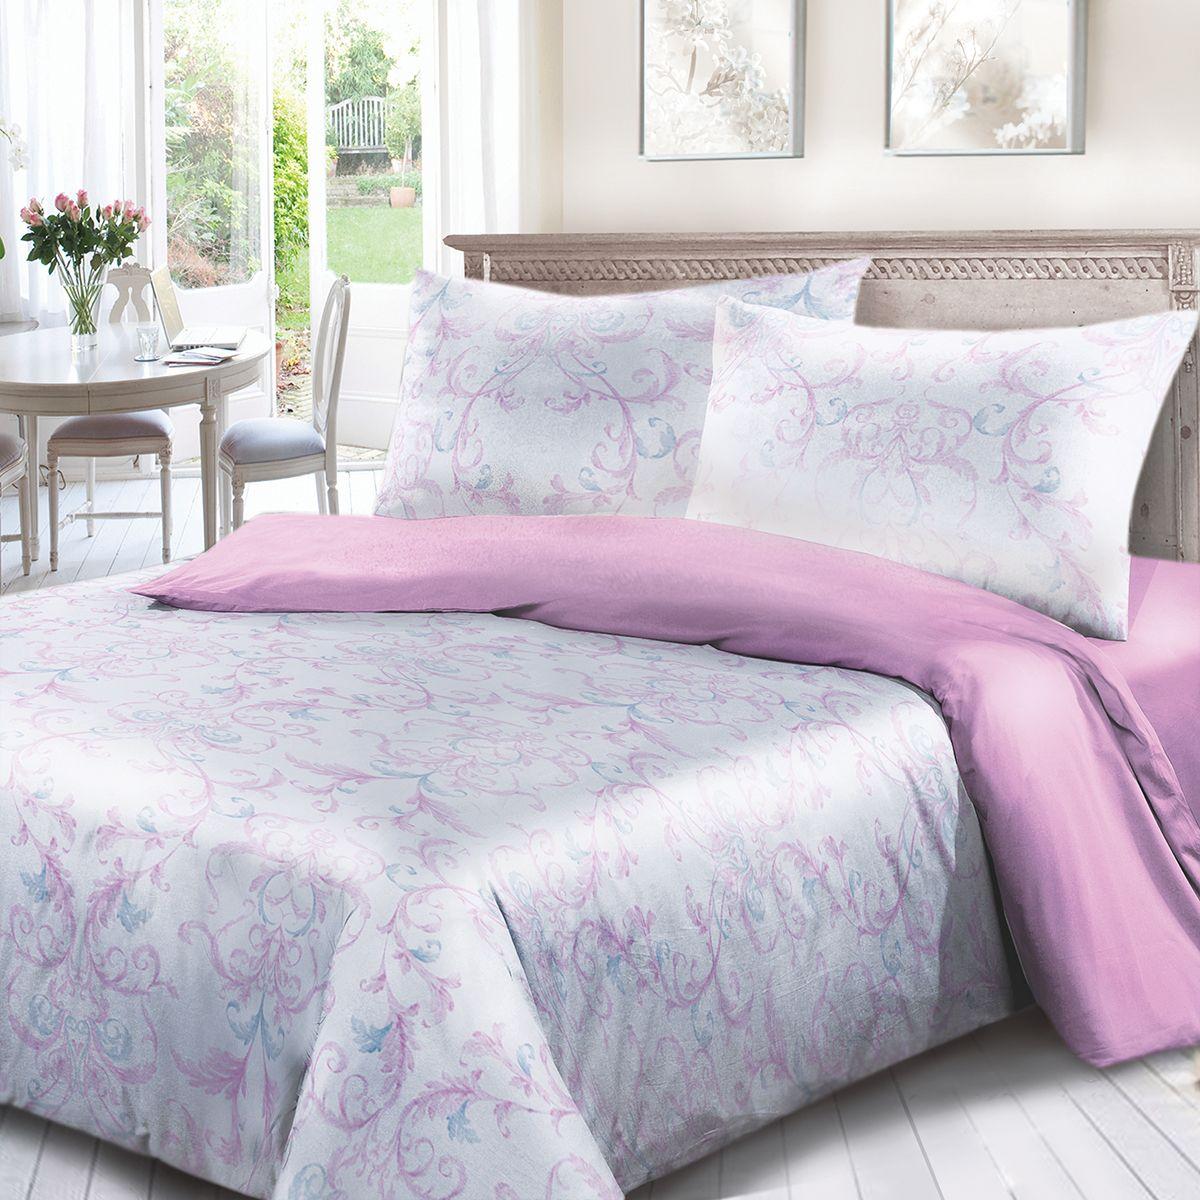 Комплект белья Сорренто Паллацо, семейный, наволочки 70x70, цвет: сиреневый. 4018-180293